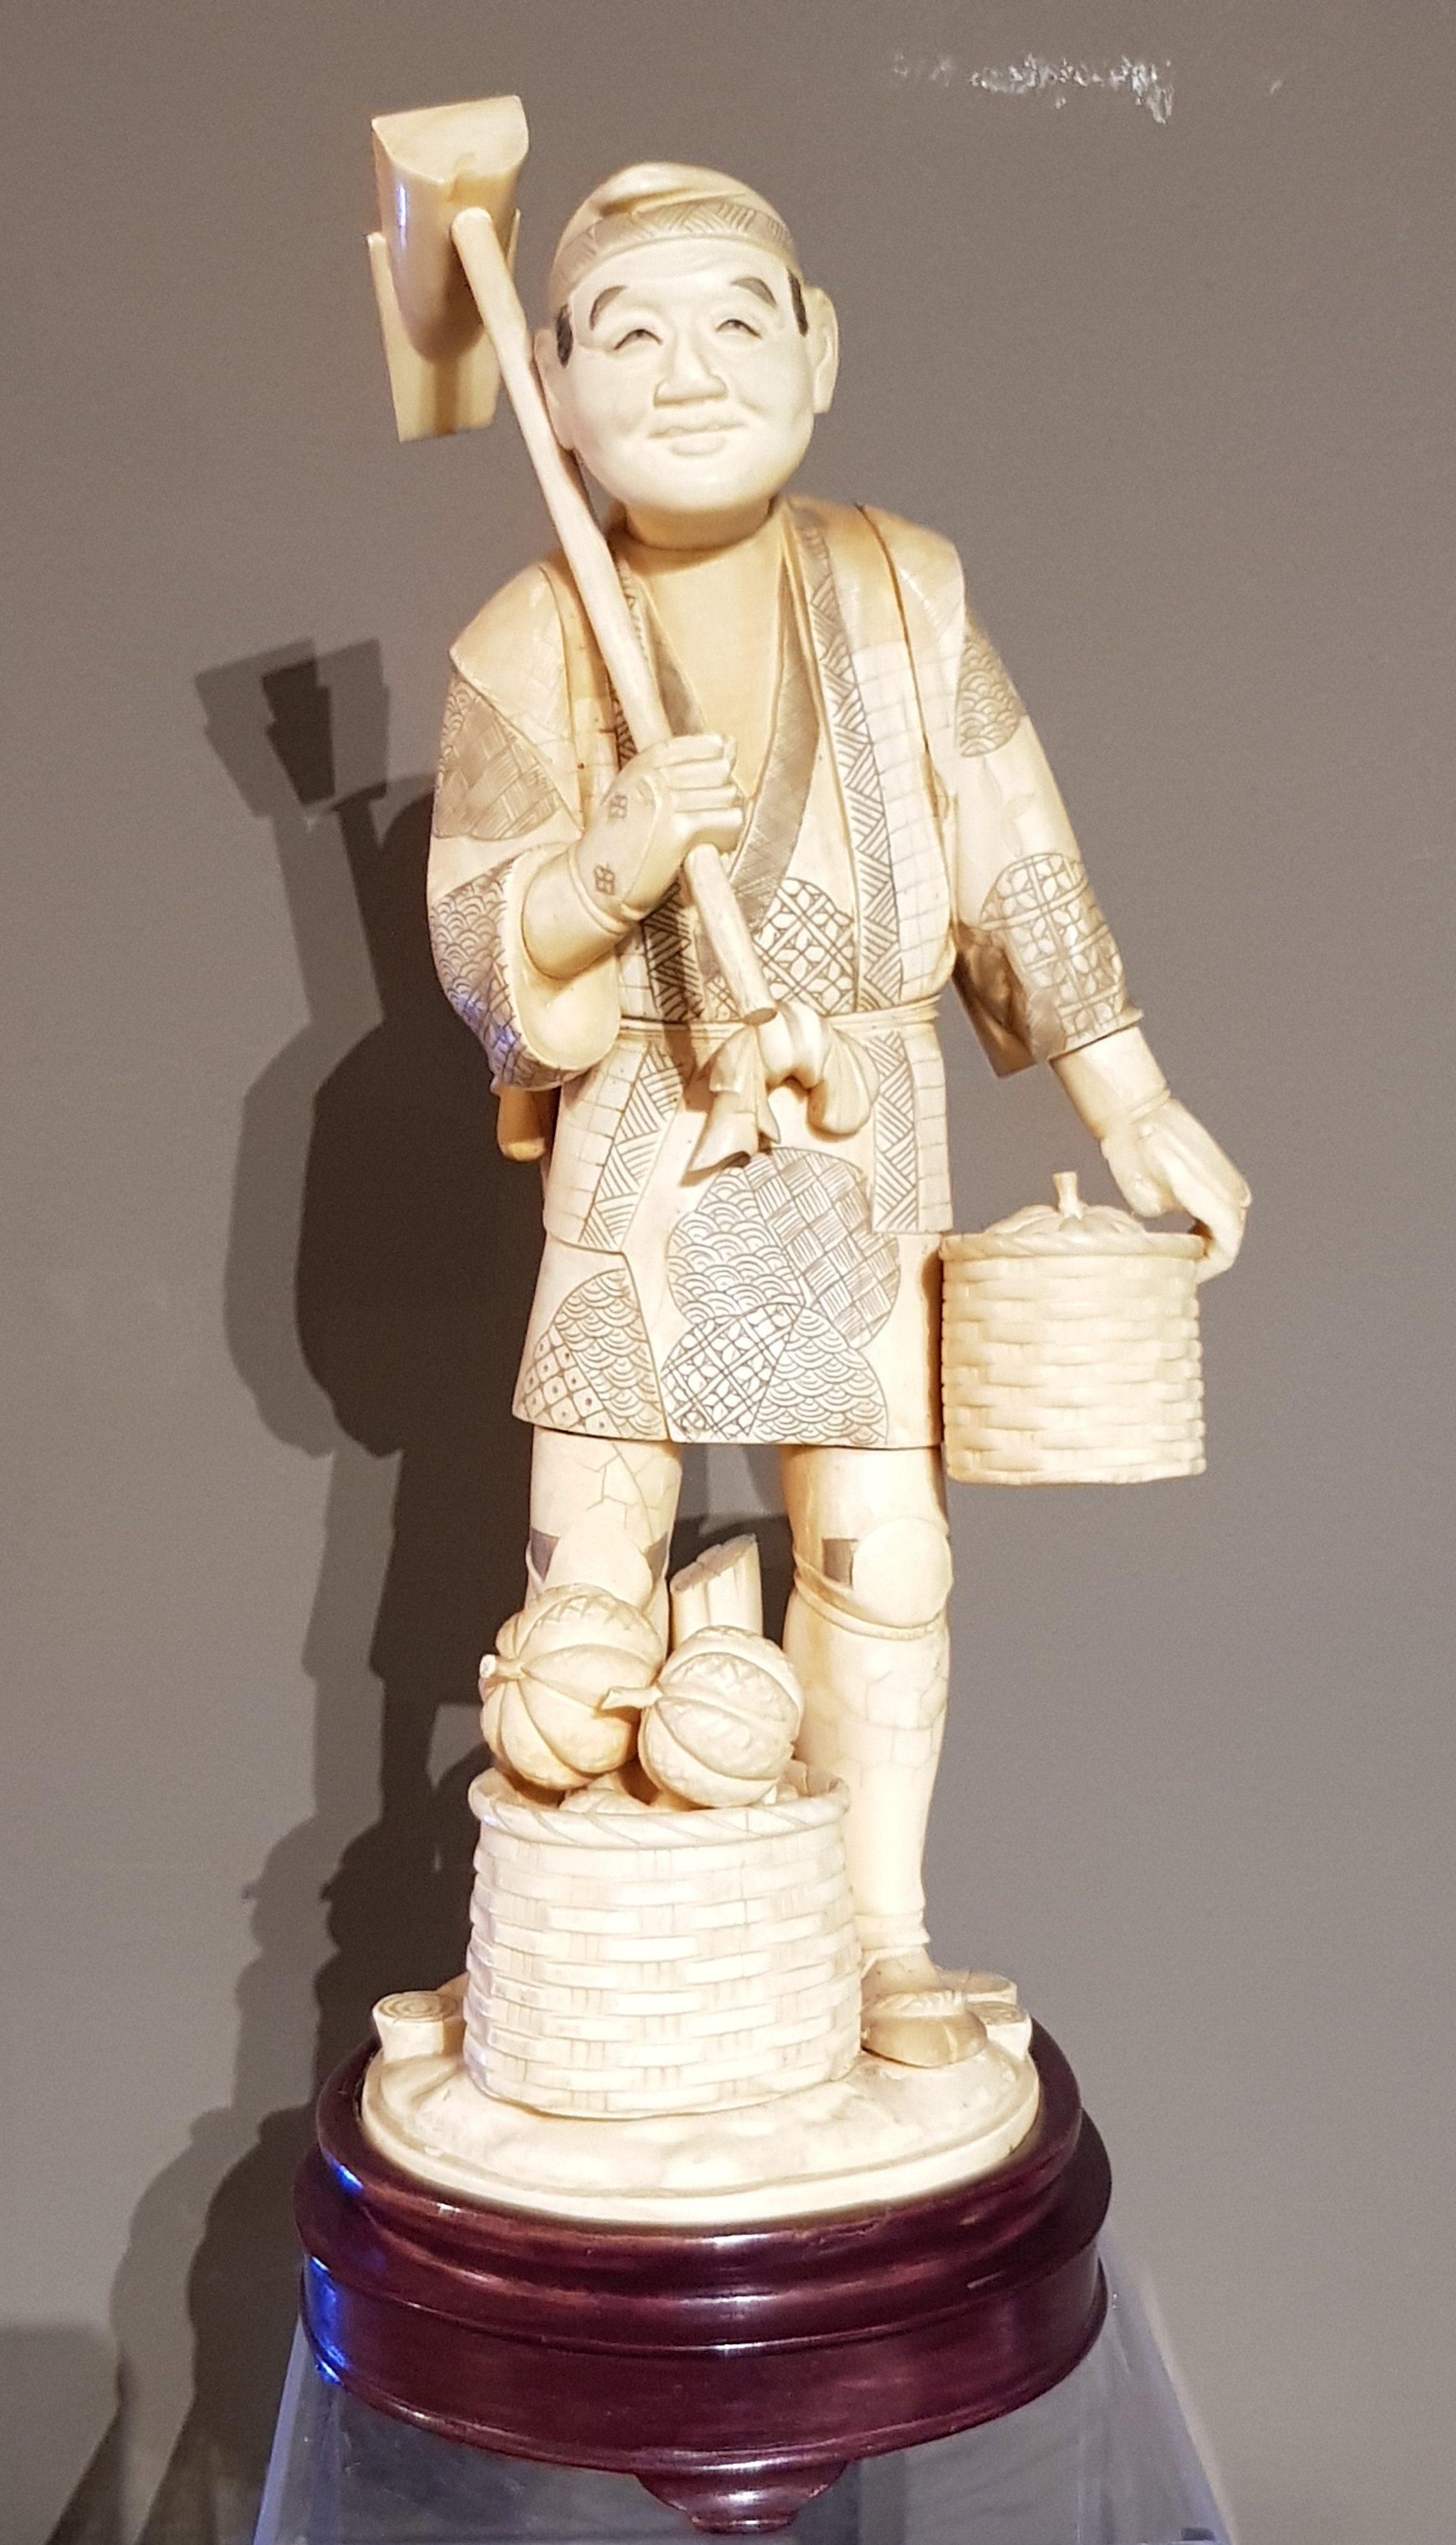 Okimono en Ivoire - Le maraîcher - Meiji - 19ème. Image